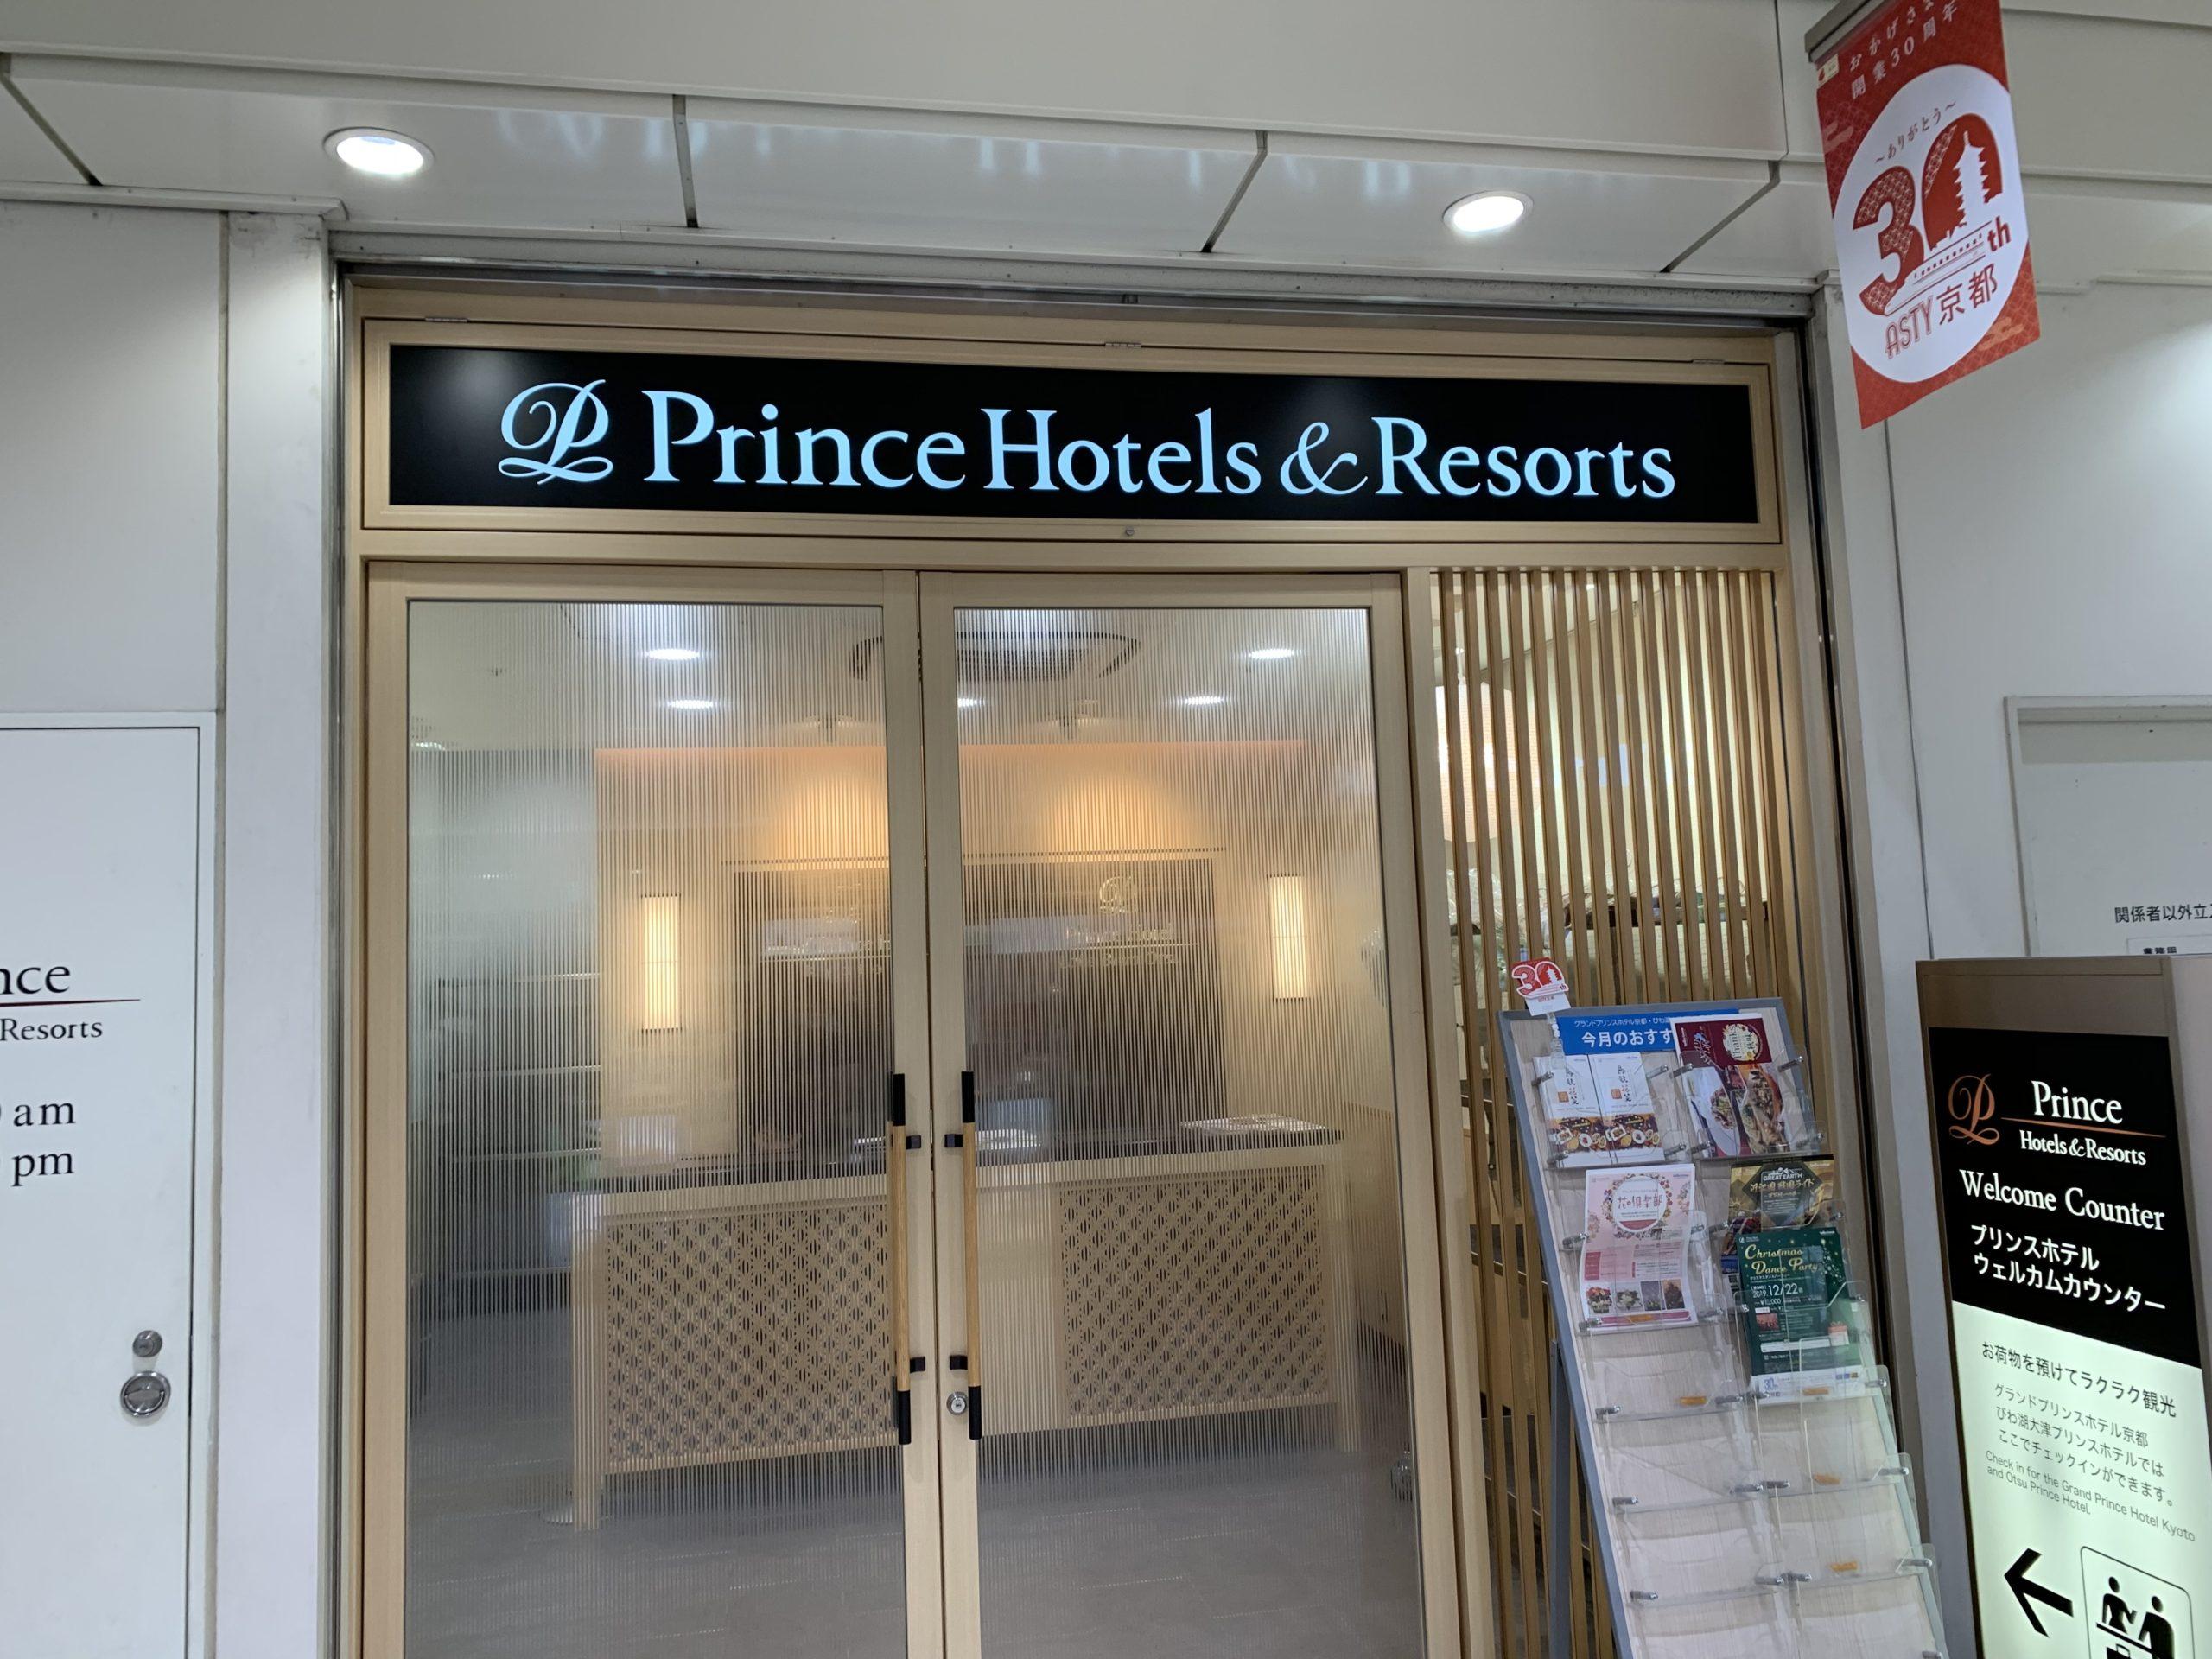 プリンスホテルウエルカムセンター